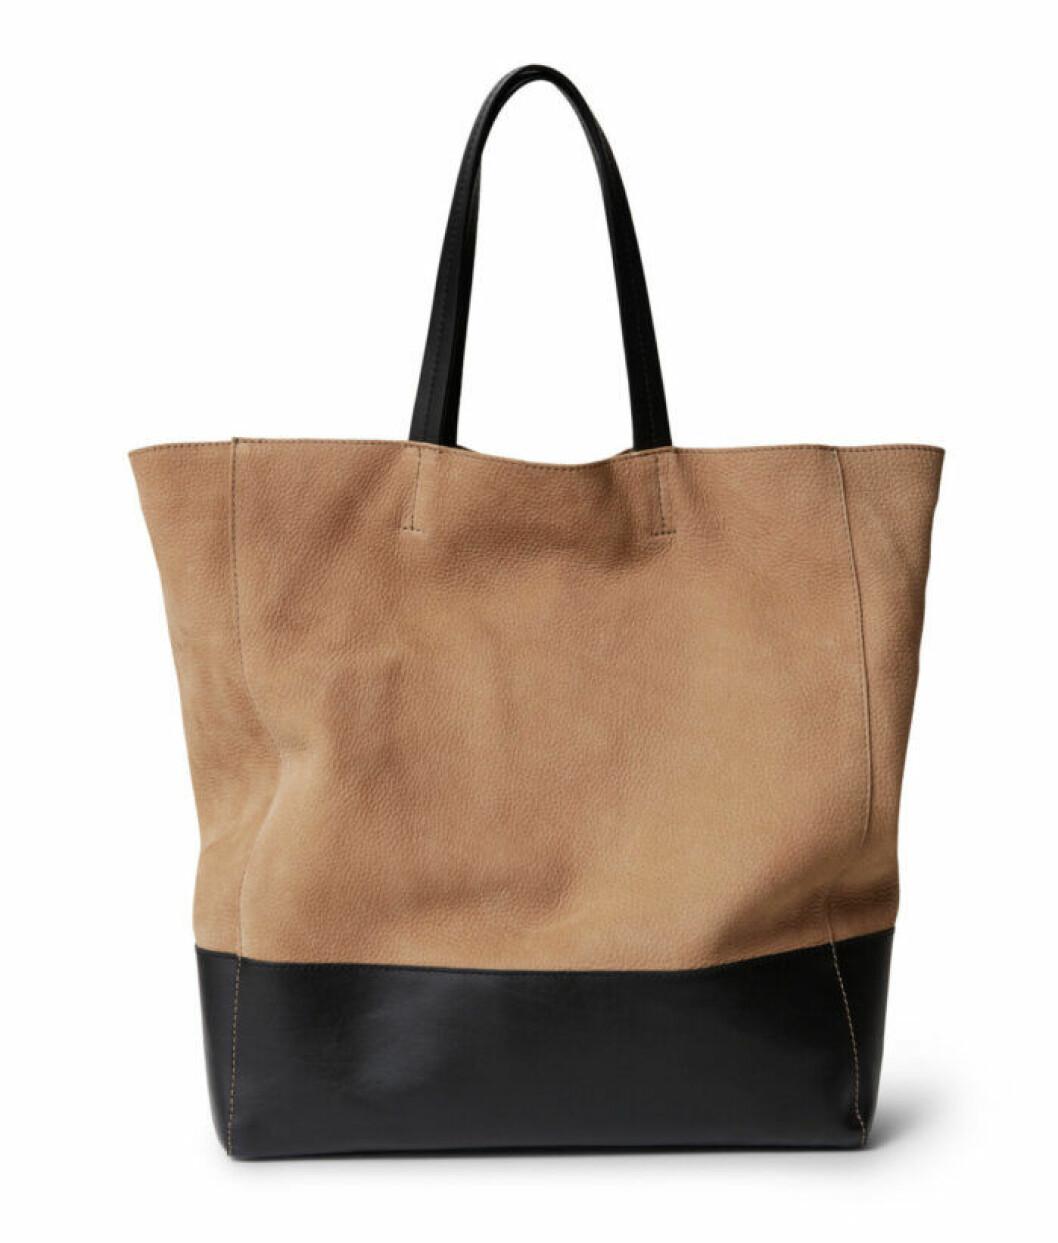 Beige och svart väska till våren 2020